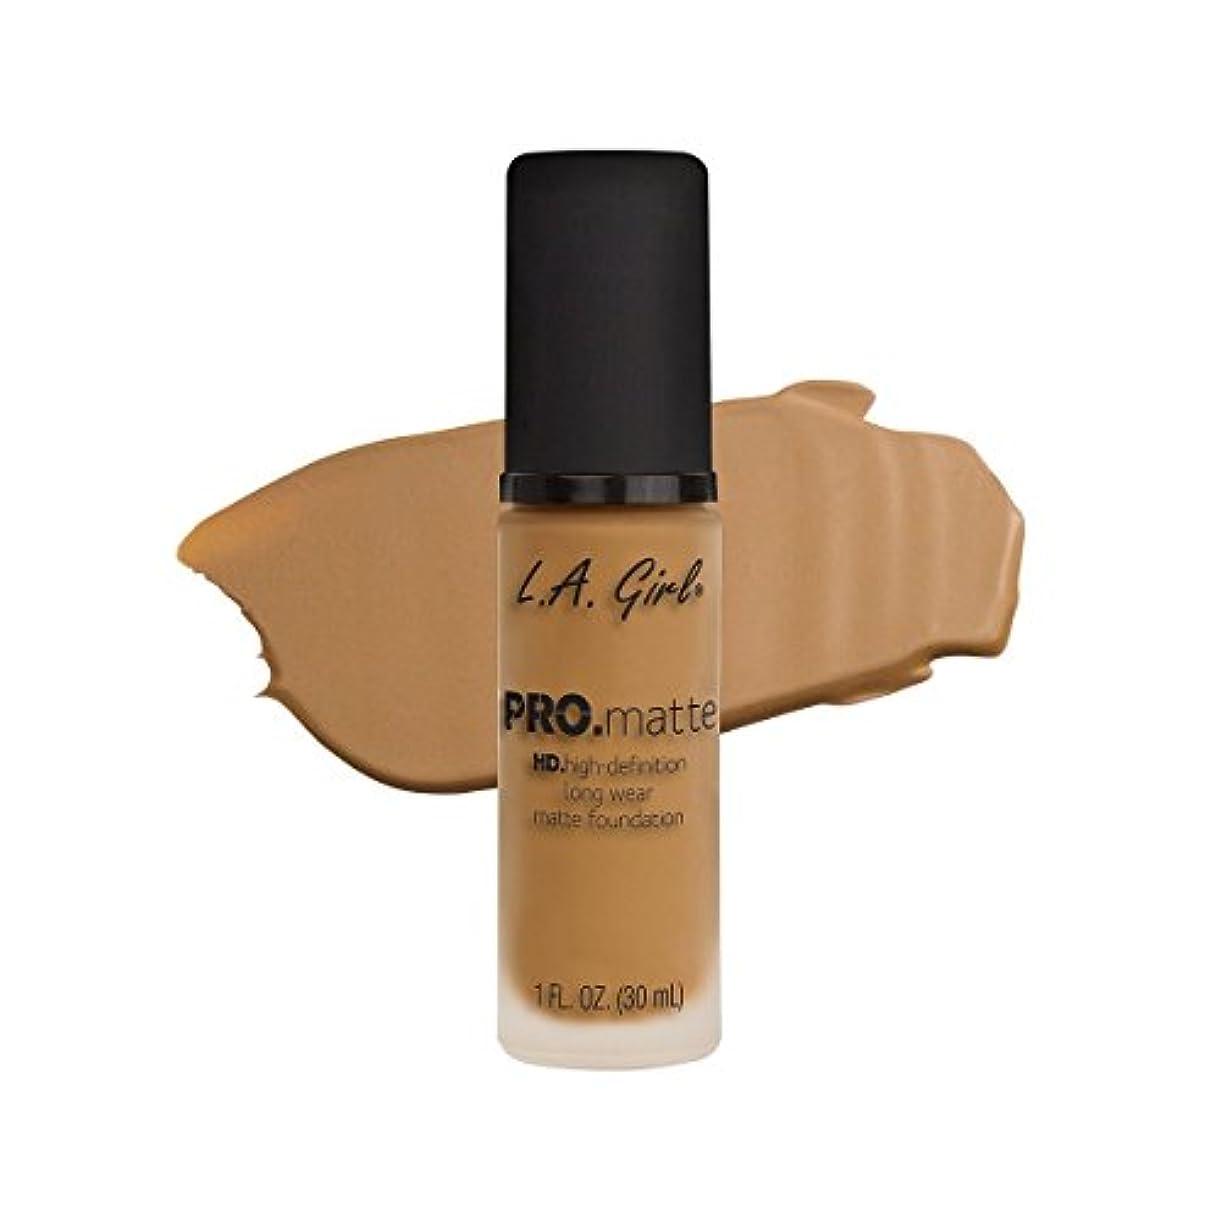 九つかむスプリット(3 Pack) L.A. GIRL Pro Matte Foundation - Sand (並行輸入品)